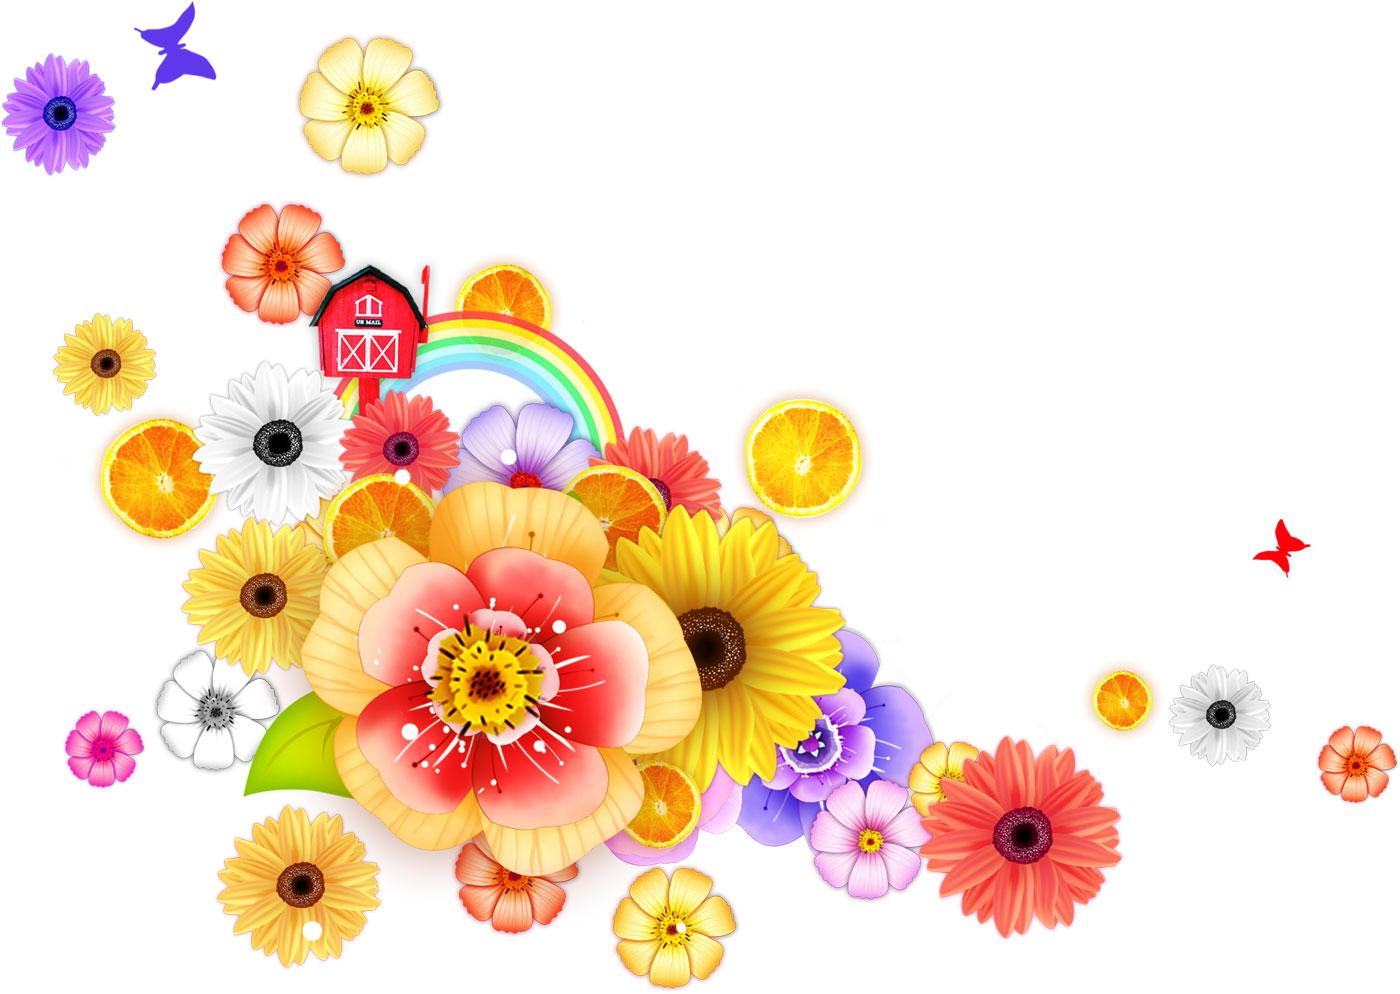 ポップでかわいい花のイラスト・フリー素材/no.337『カラフルフラワー』